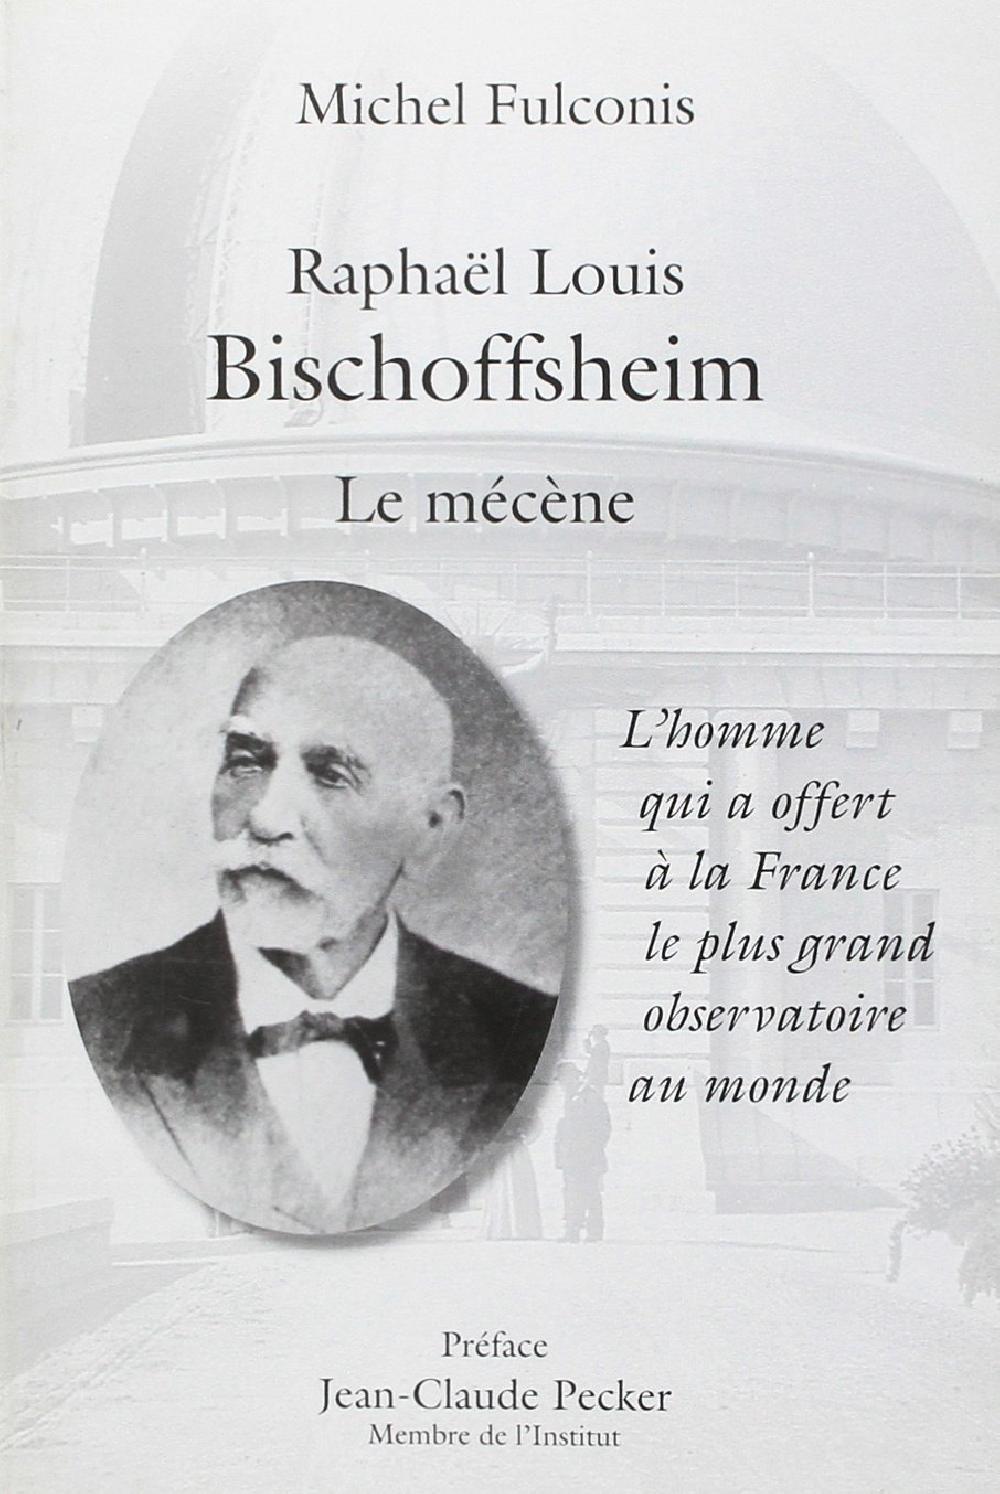 Raphaël Louis Bischoffsheim, le mécène